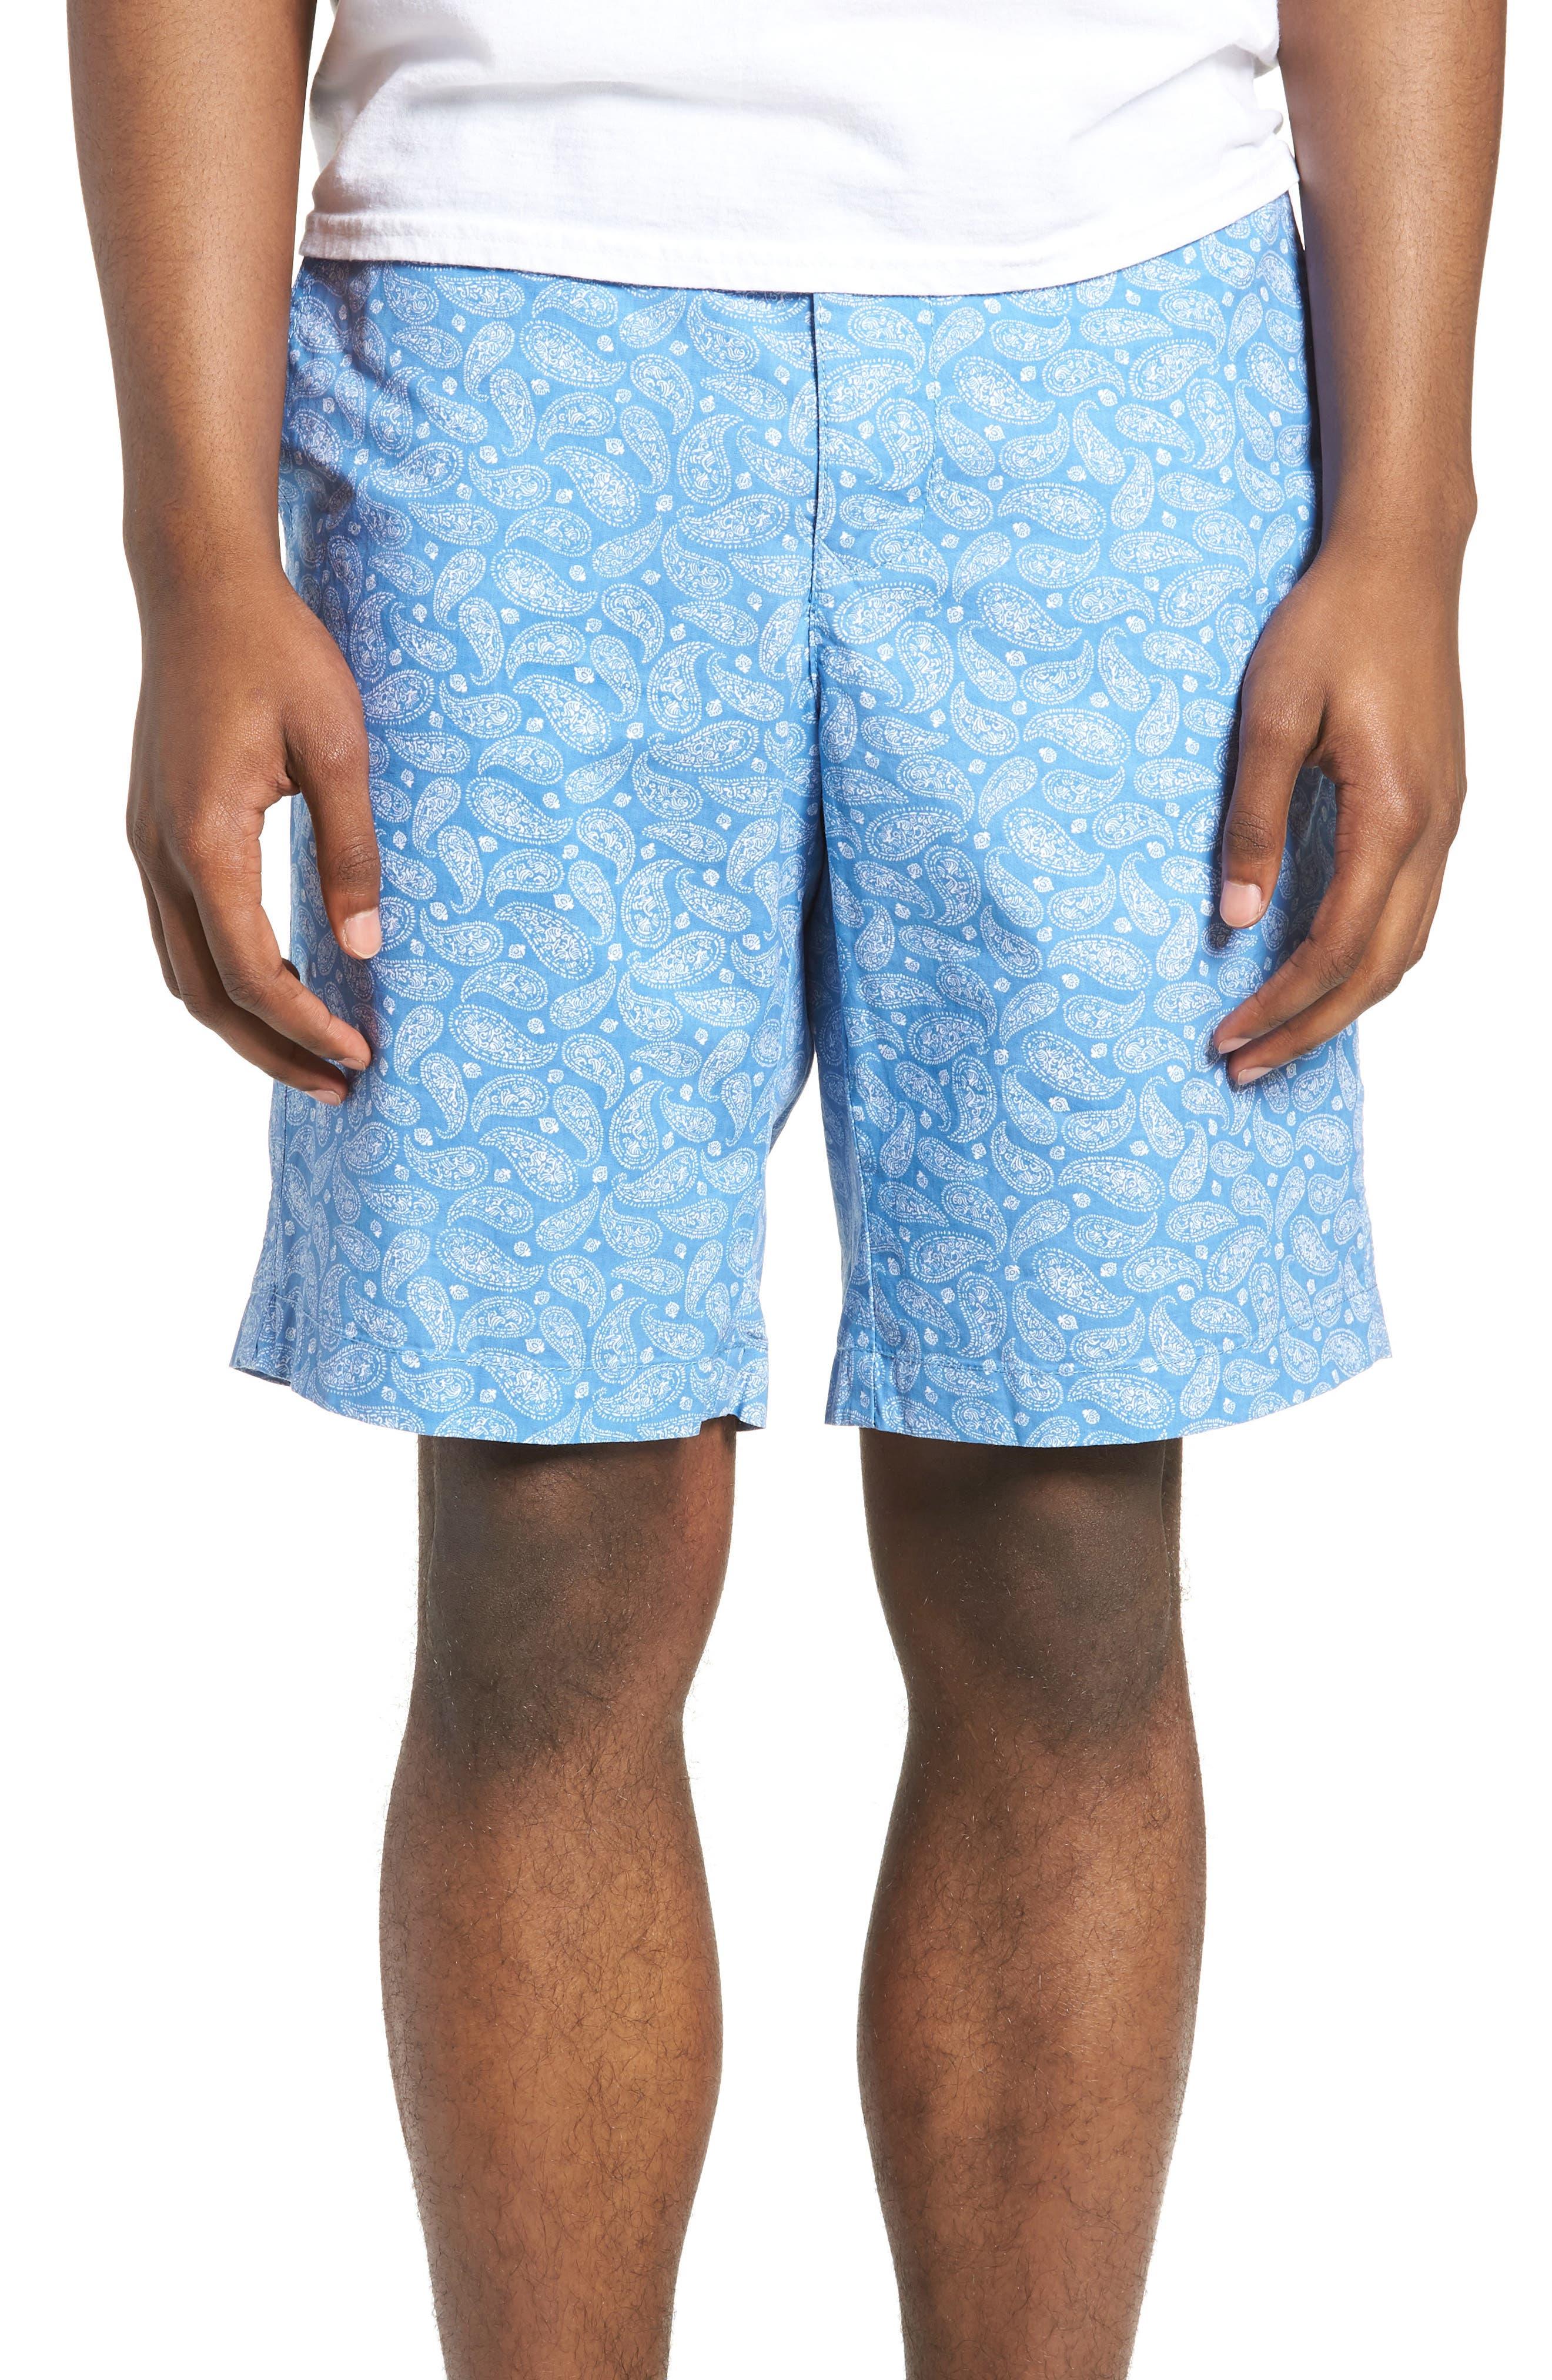 Bandana Paisley Print Shorts,                         Main,                         color, Blue Lake Bandana Paisley